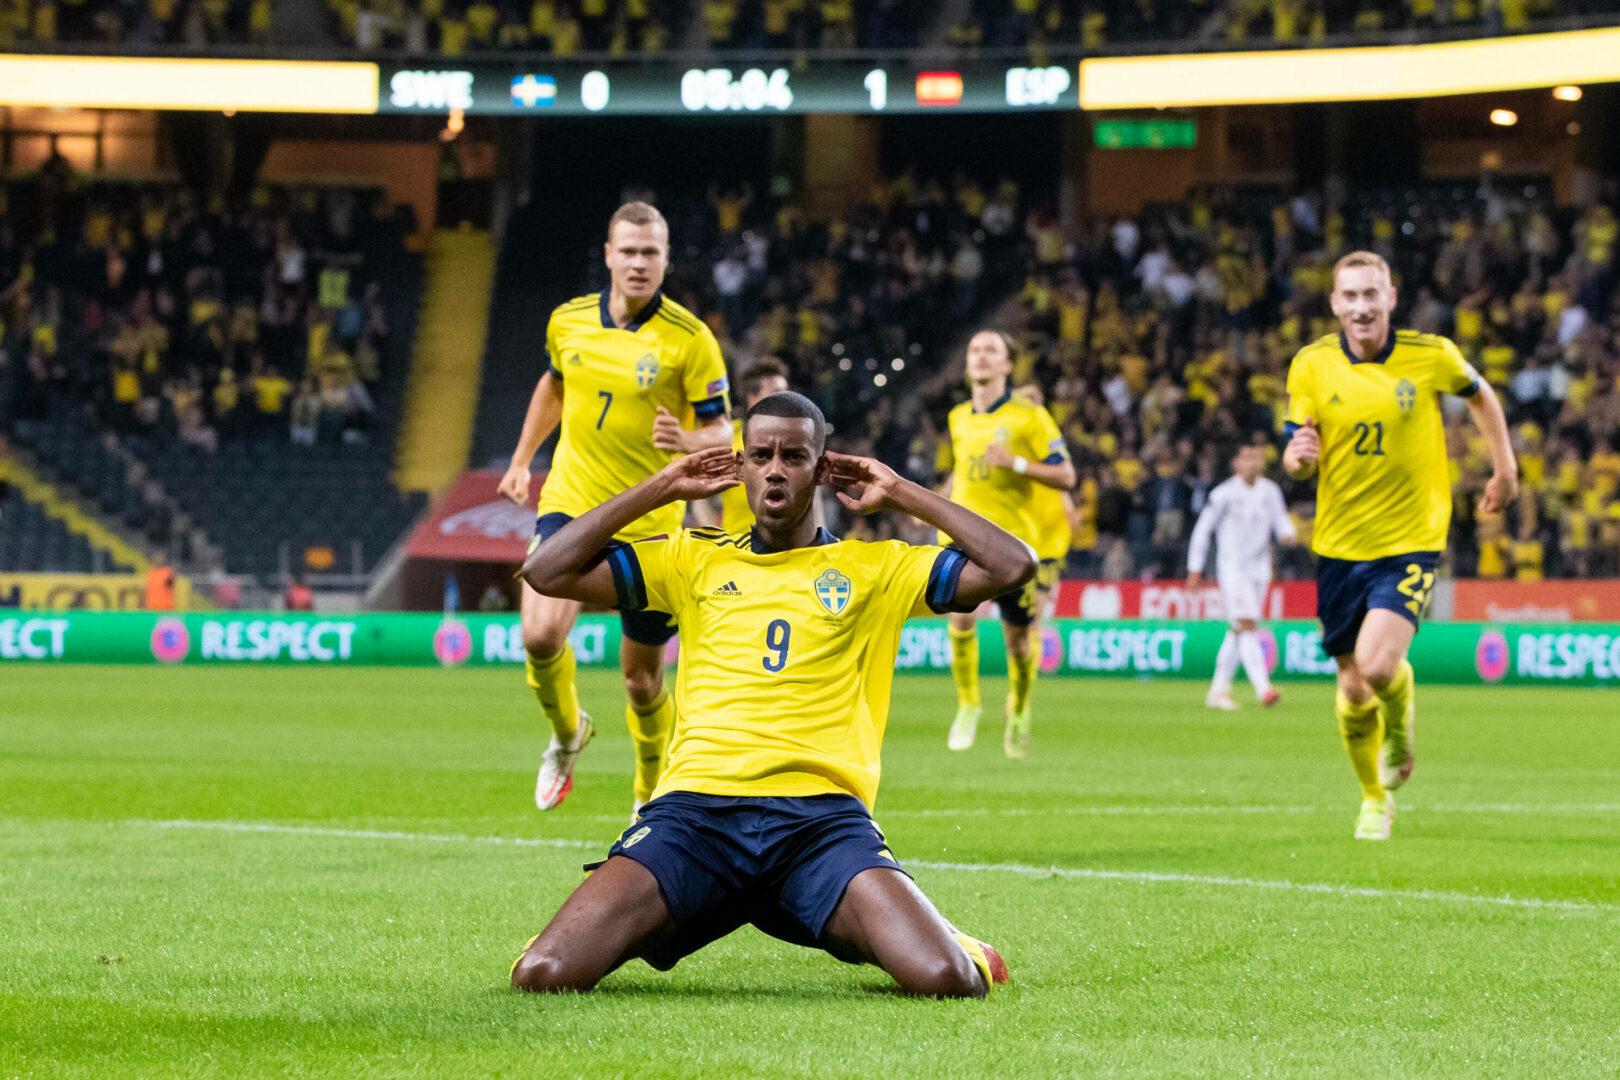 WM-Qualifikation: Spanien verliert in Schweden, Italien patzt, Belgien mit Torfestival